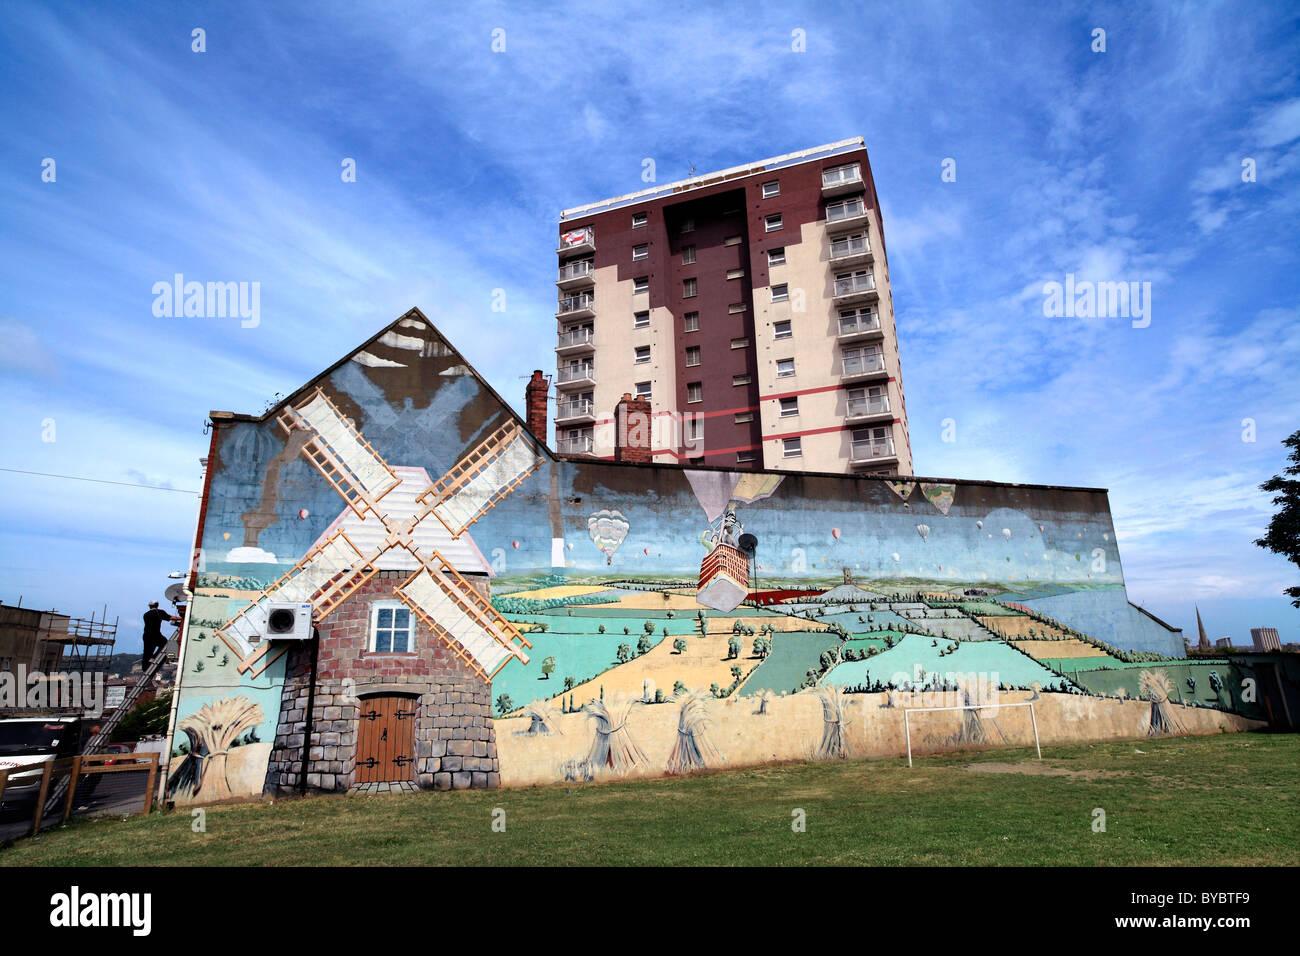 Rus in Urbe? Ein Wandbild von einem englischen Landschaft mit Windmühle, an der Seite eines Gebäudes auf Stockbild